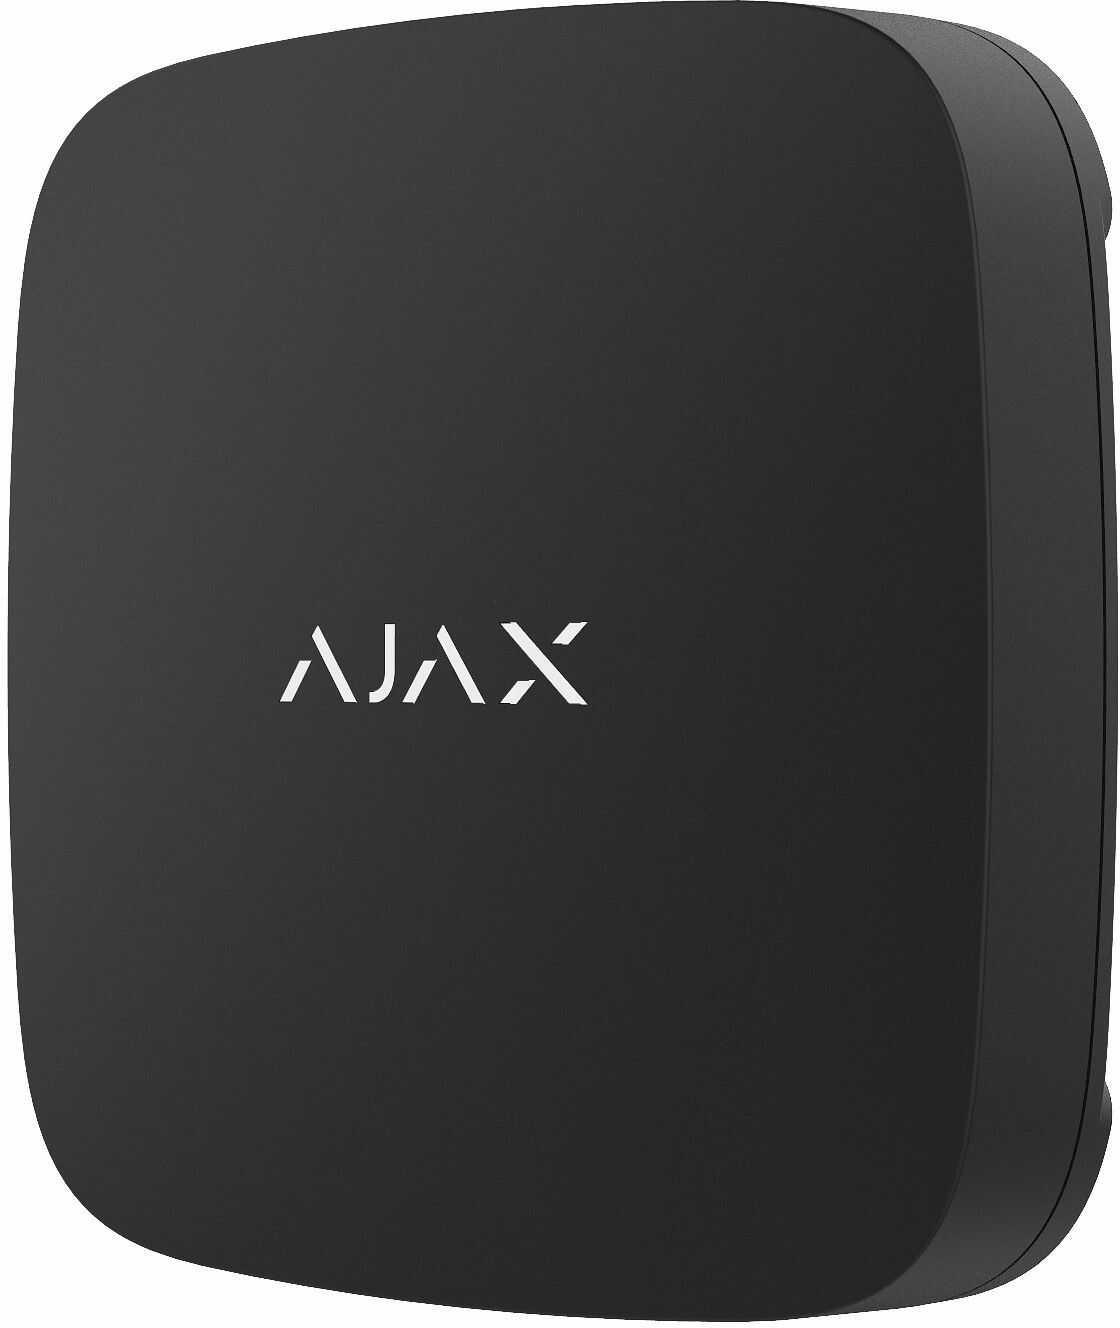 Bezprzewodowy czujnik zalania LeaksProtect AJAX kolor czarny